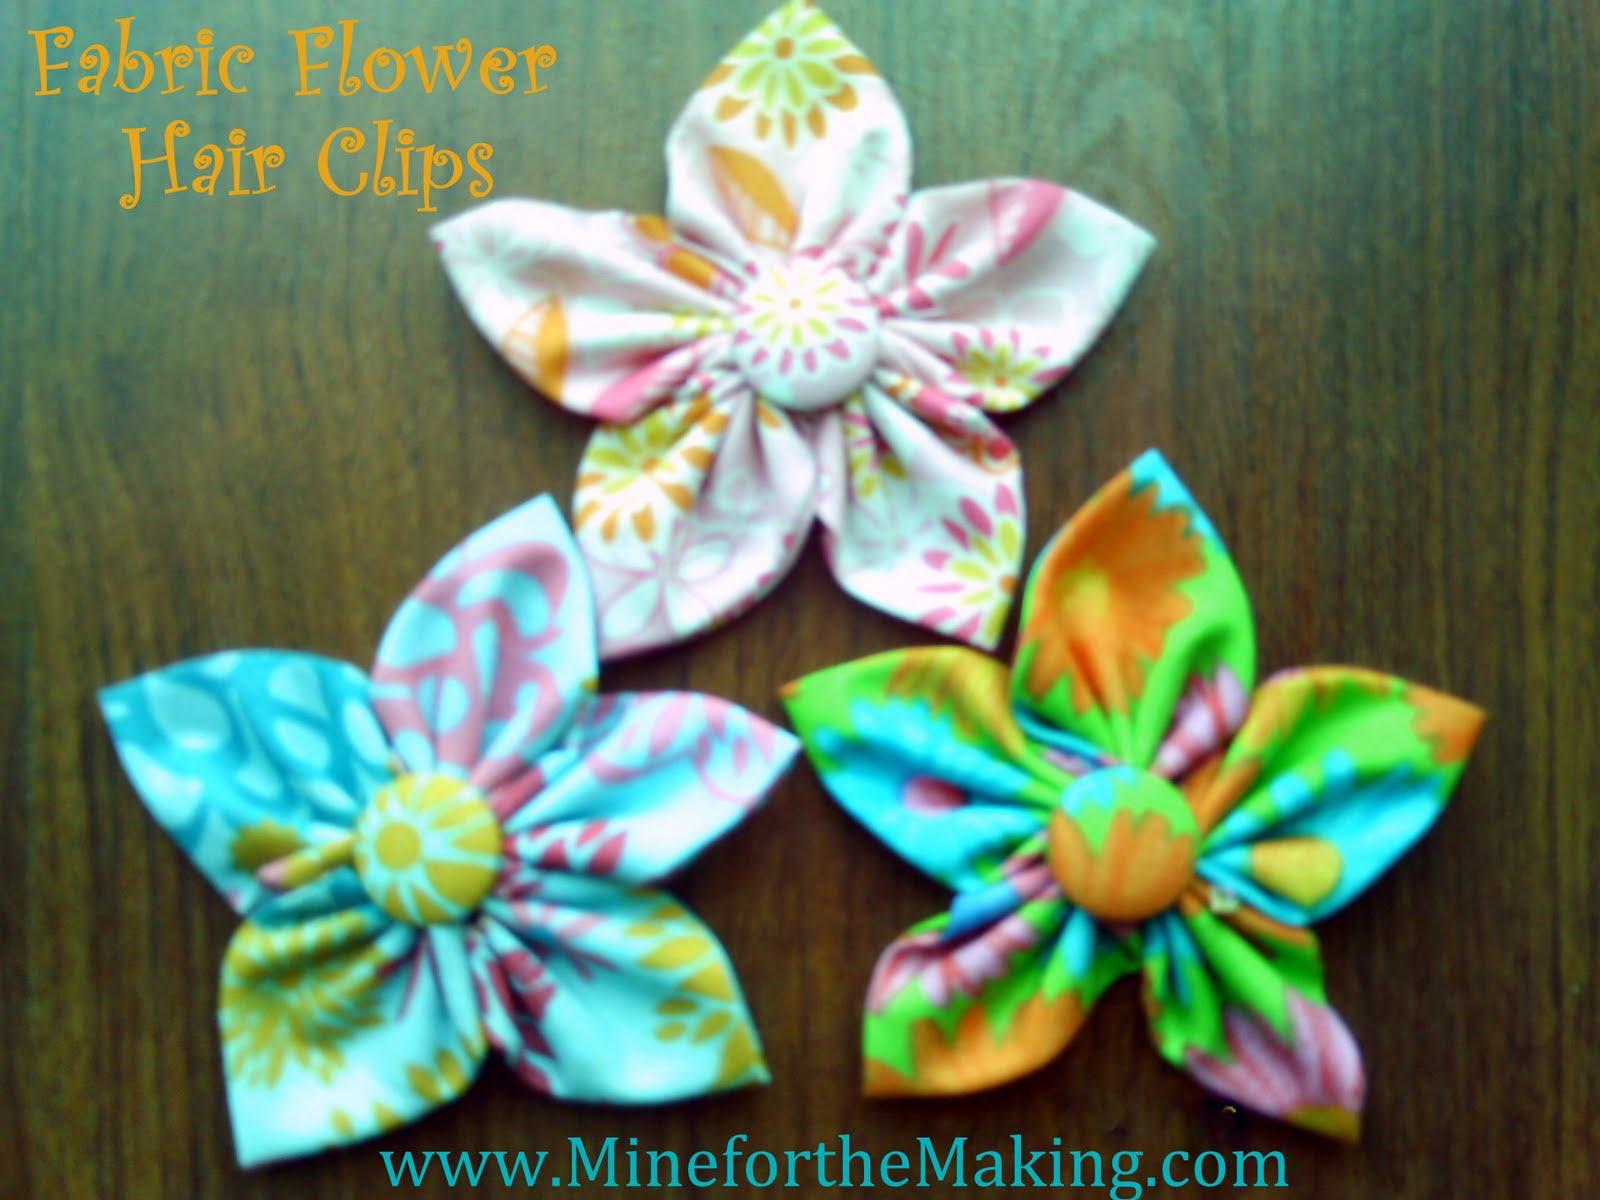 http://4.bp.blogspot.com/_mH0tGuB0J4c/TFBn5lwfXLI/AAAAAAAAAiU/dt2sxrNoPQs/s1600/fabric+flowers+002.jpg